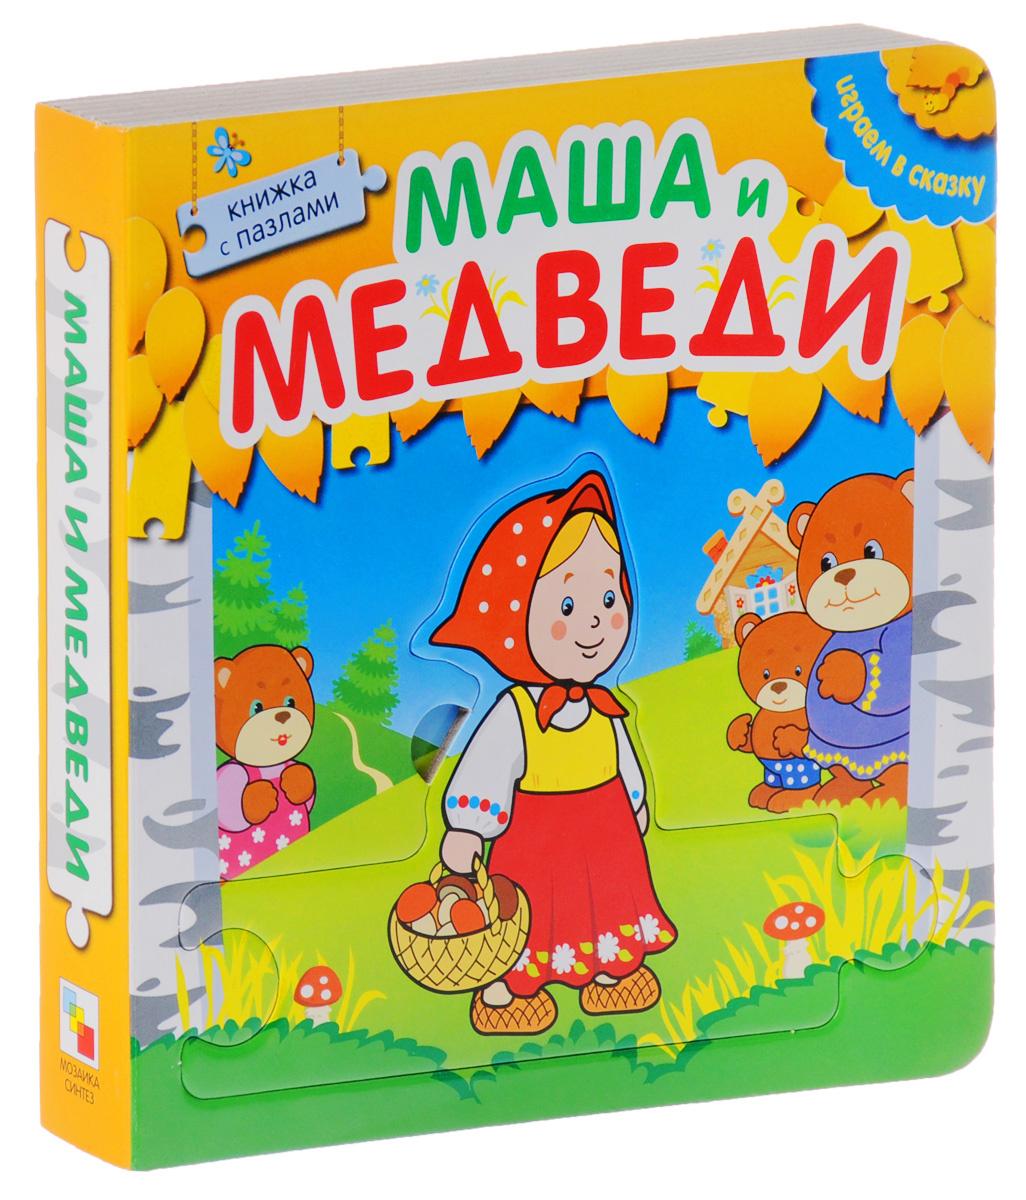 Маша и медведи. Книжка-пазл #1